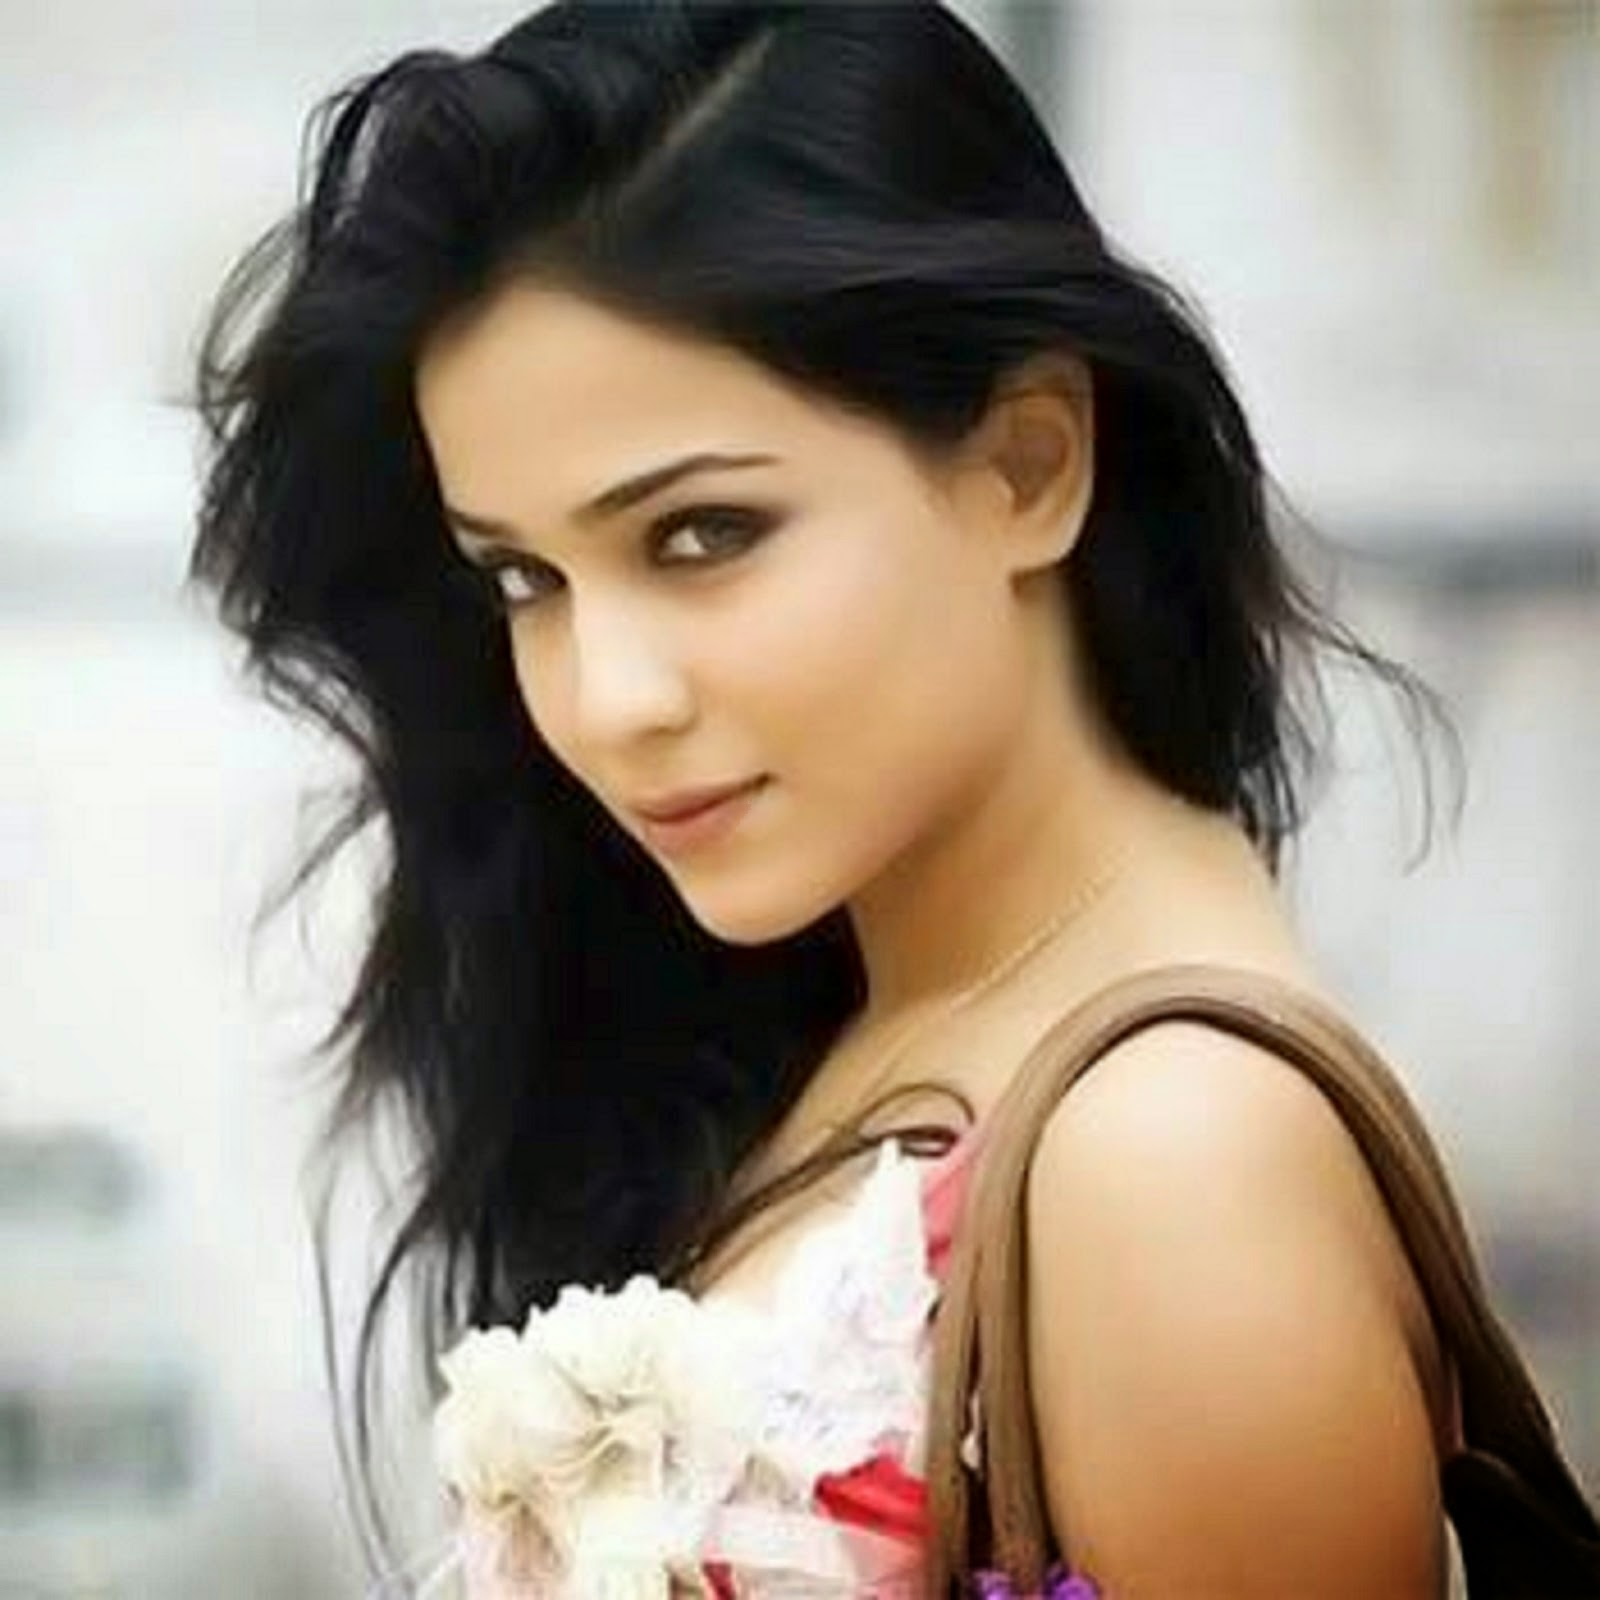 Humaima Malik Sexy Pics Pretty desi actress pictures: humaima malik - pakistani film actress